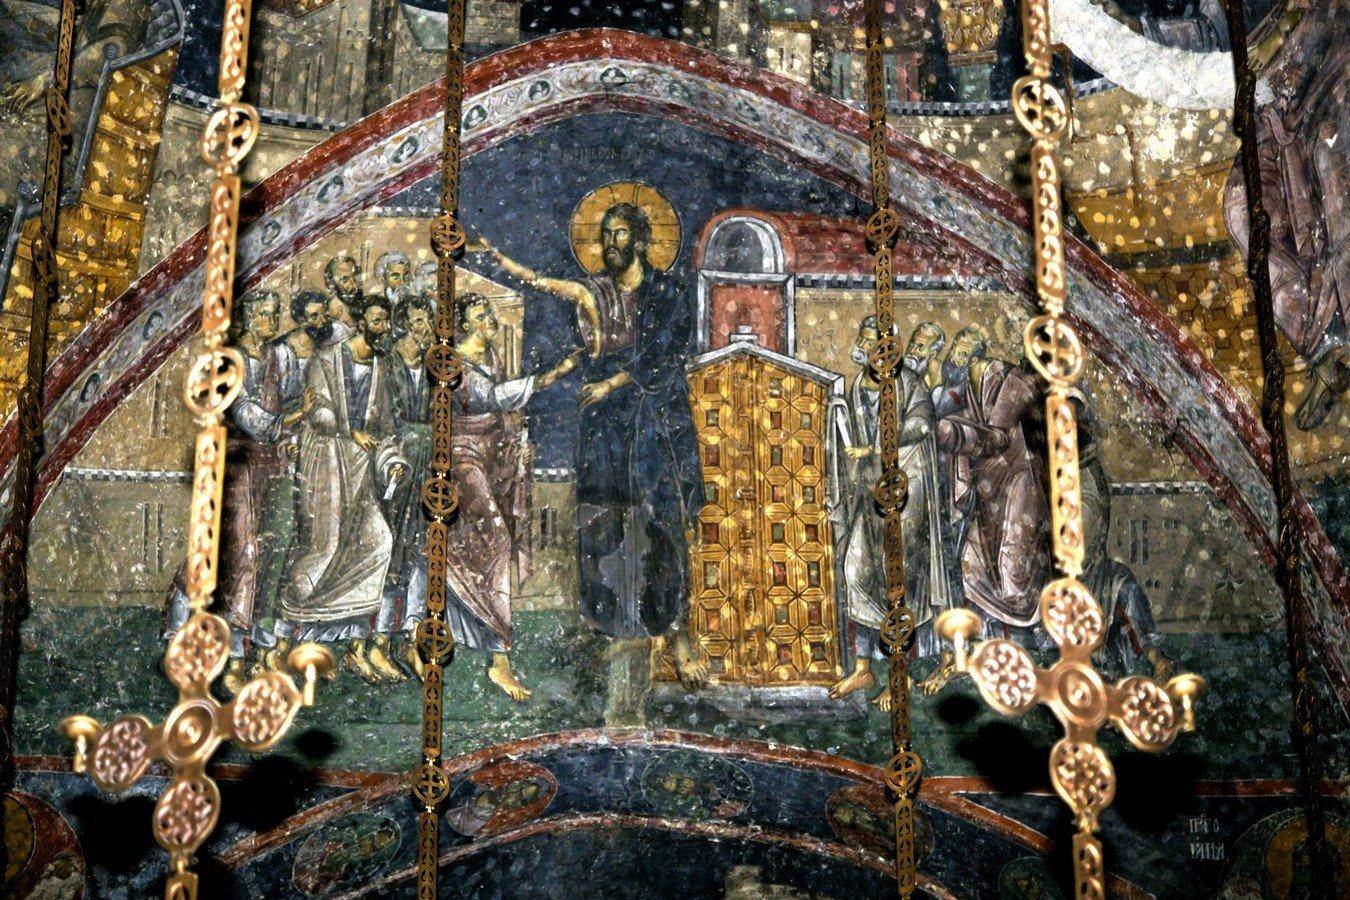 Уверение Апостола Фомы. Фреска церкви Святых Апостолов в монастыре Печская Патриархия, Косово и Метохия, Сербия. 1260 - 1263 годы.